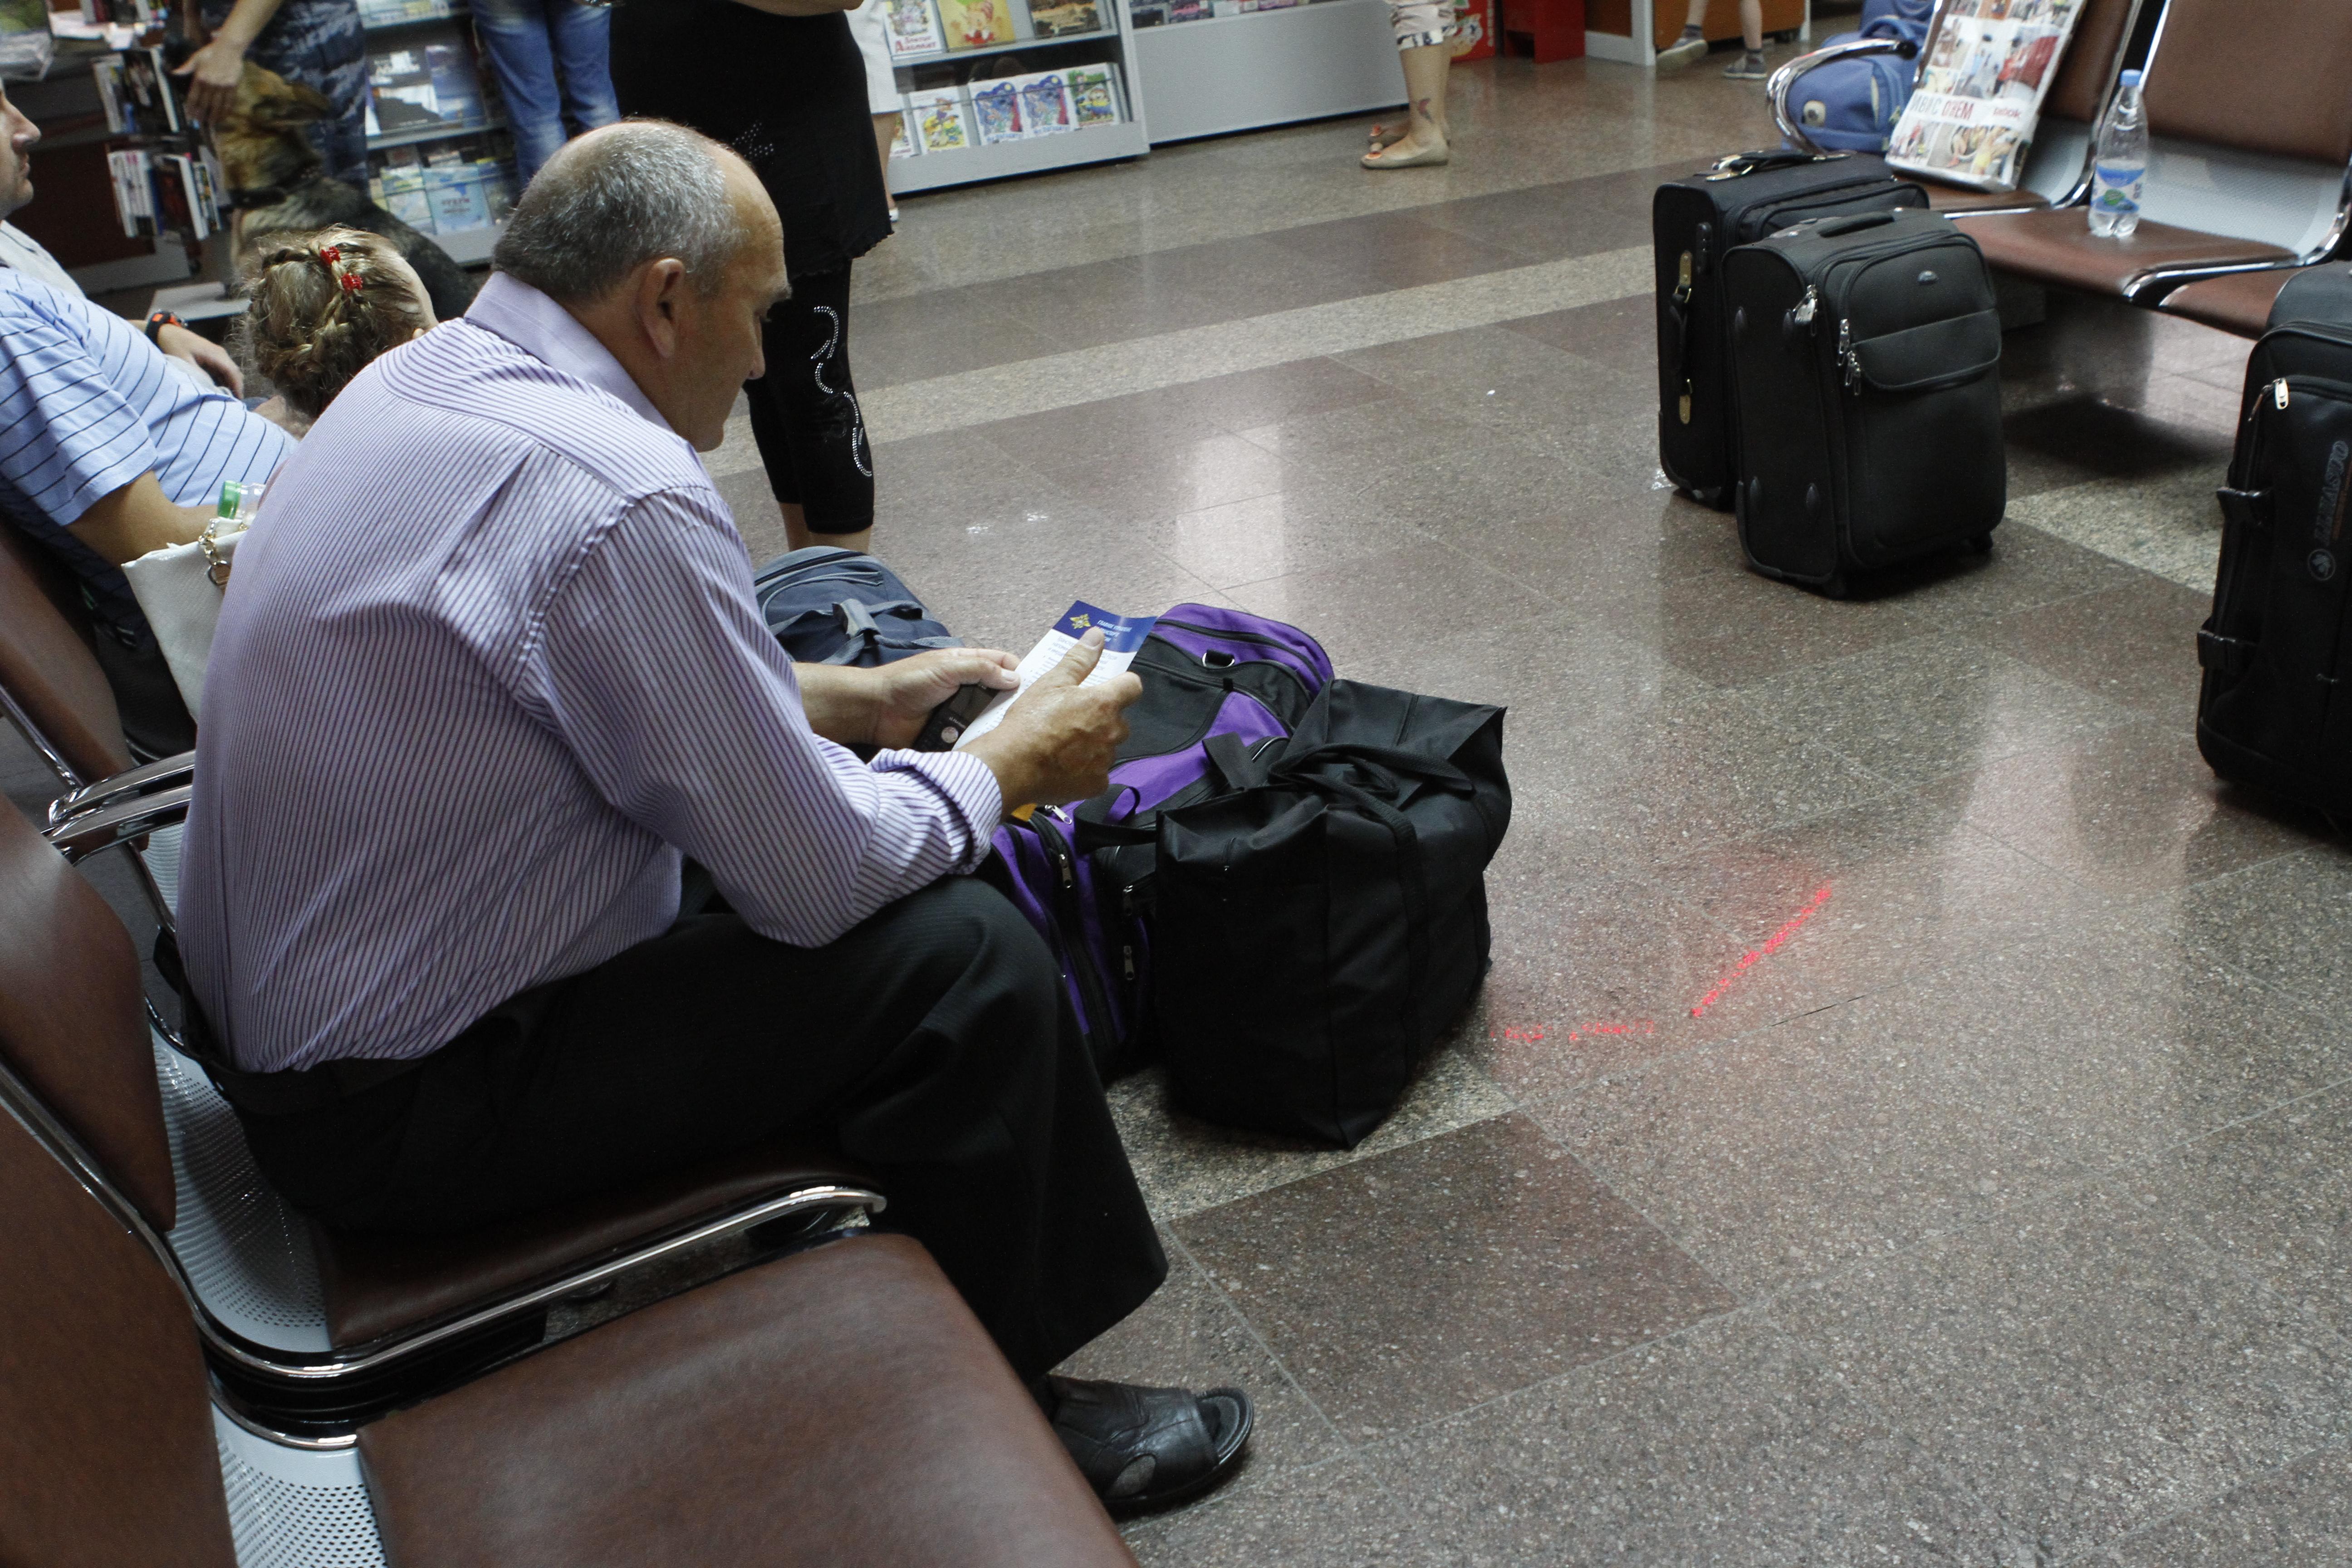 ВКраснодаре из-за тумана несмогли приземлиться два рейса из столицы